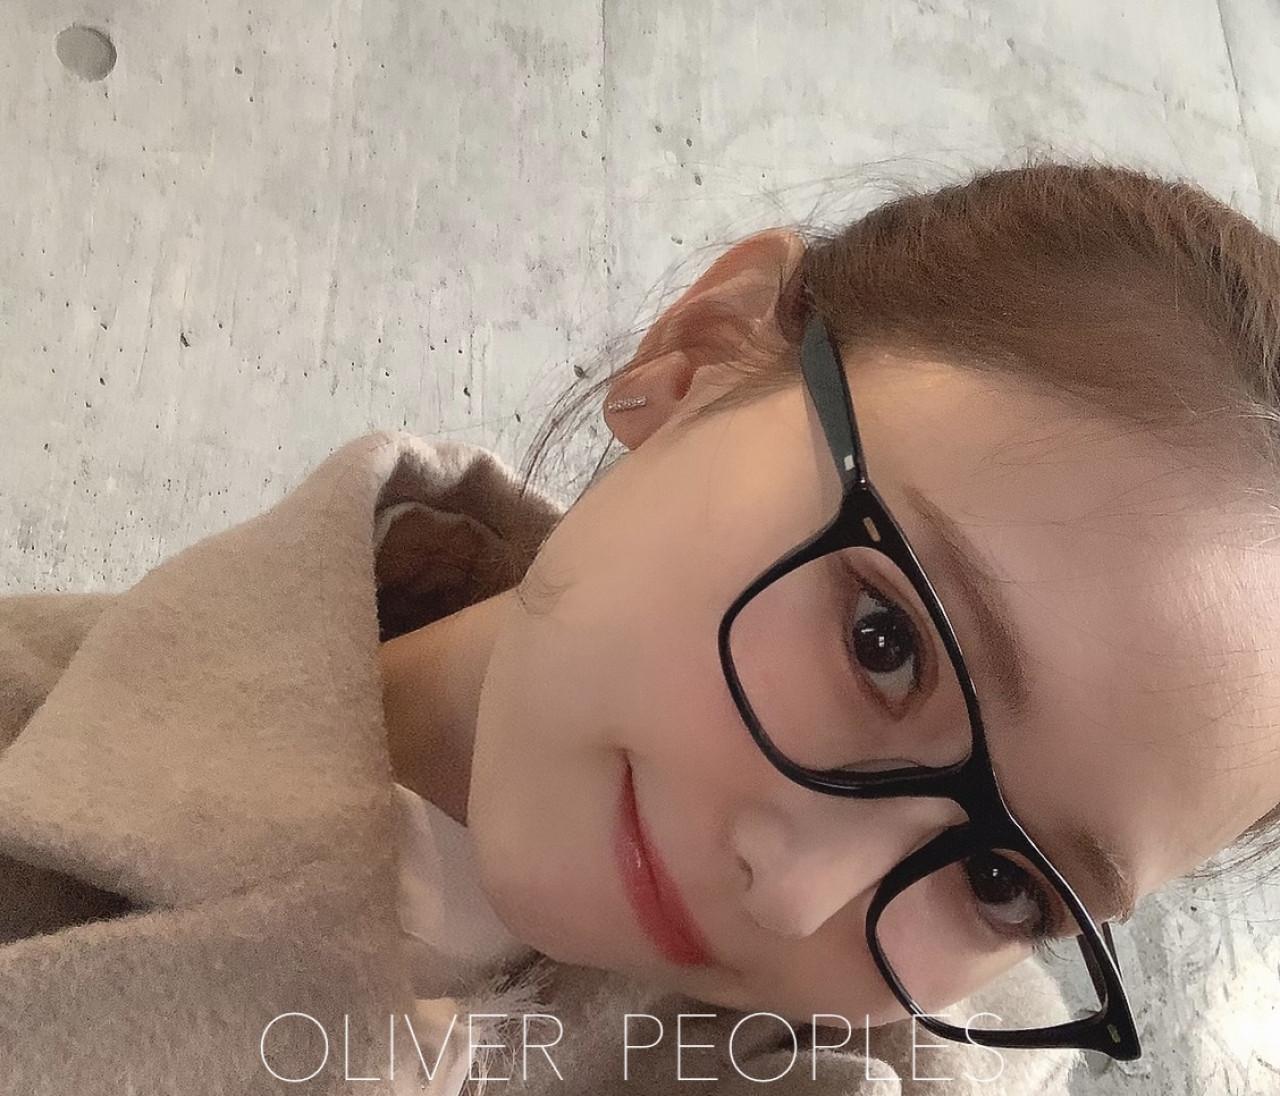 小物をアップデート!OLIVER PEOPLESのメガネ♡